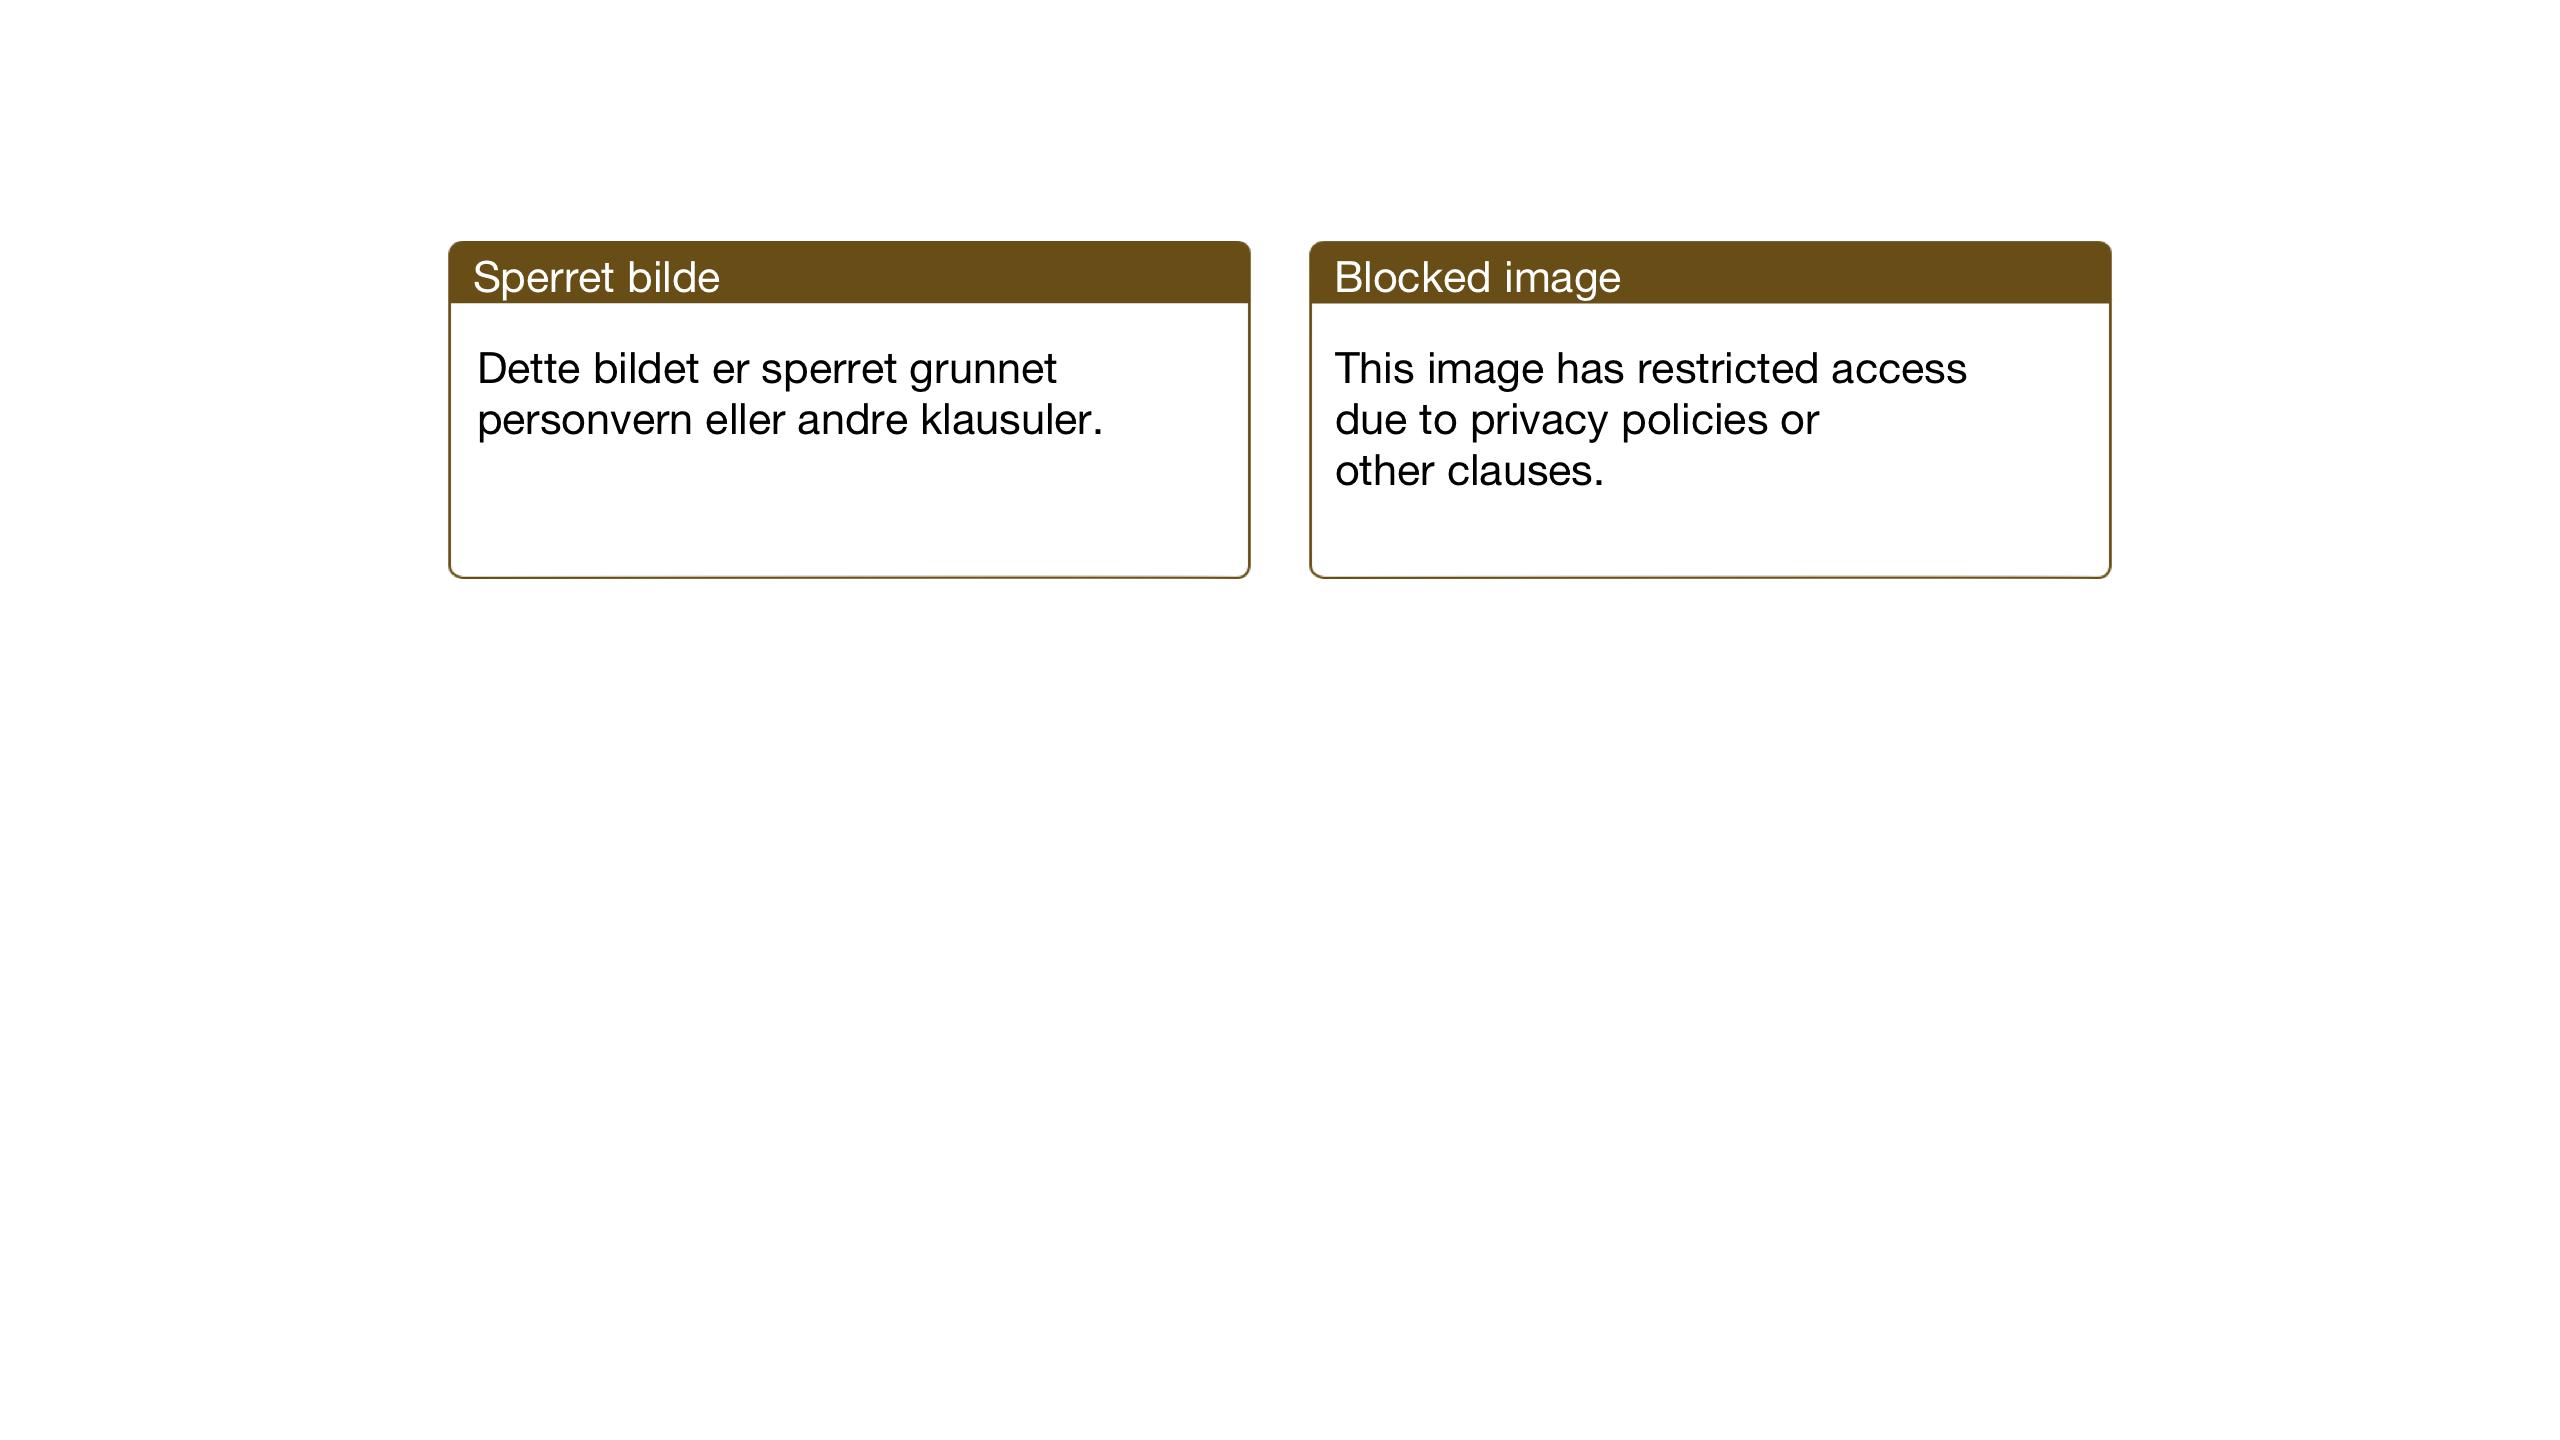 SAT, Ministerialprotokoller, klokkerbøker og fødselsregistre - Nord-Trøndelag, 755/L0500: Klokkerbok nr. 755C01, 1920-1962, s. 99